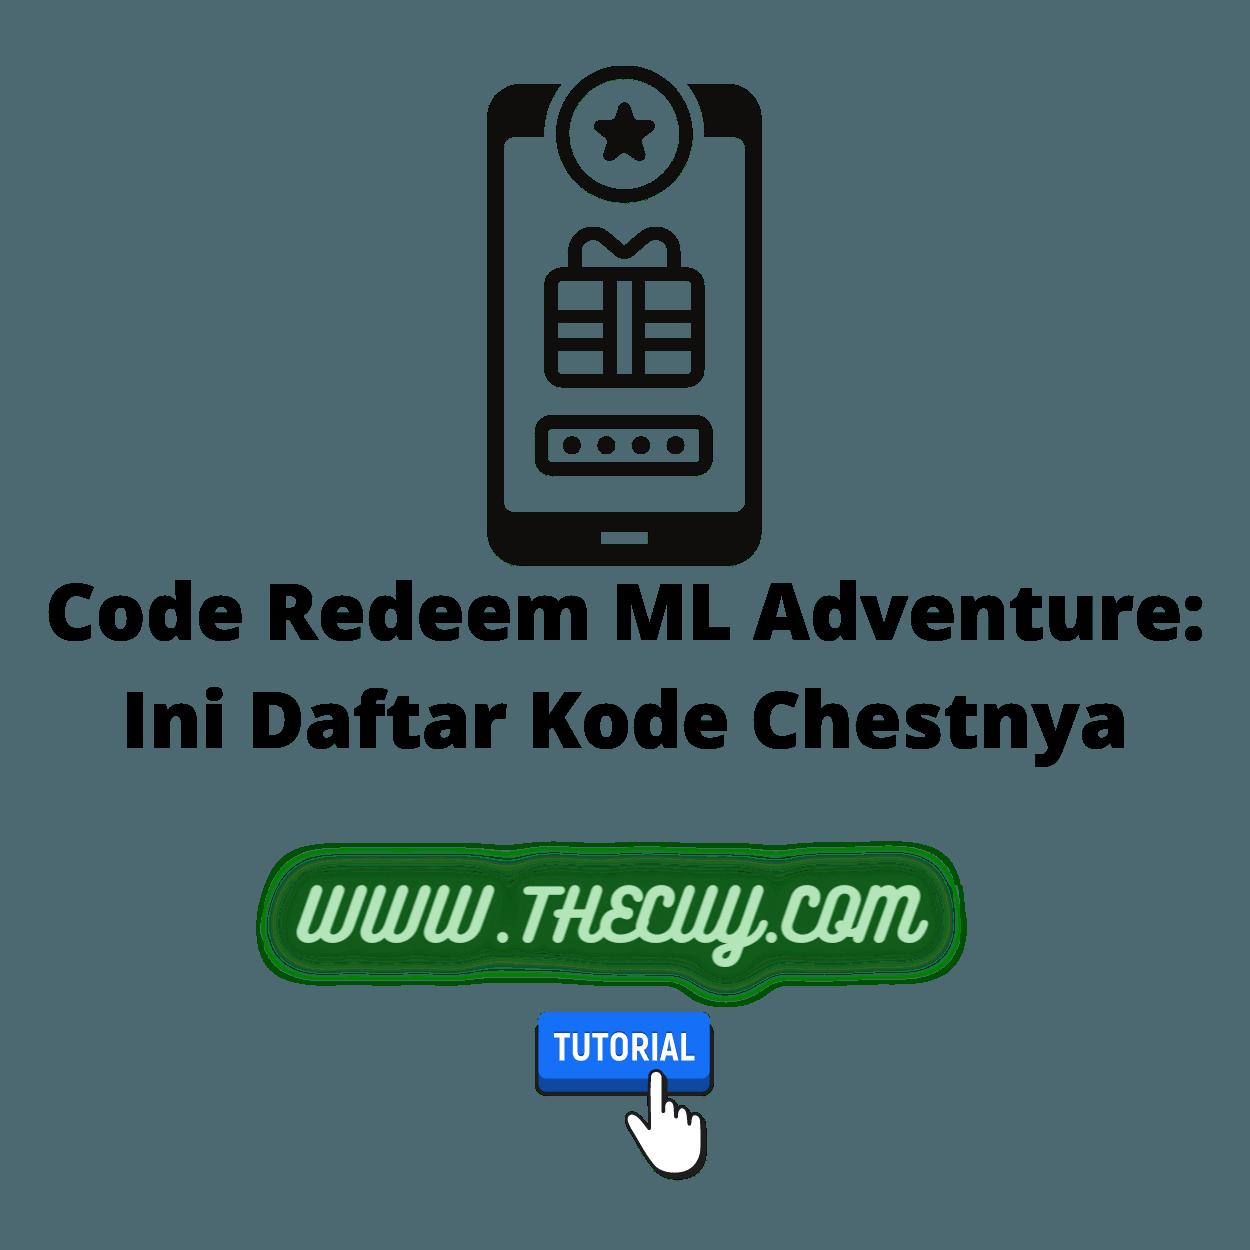 Code Redeem ML Adventure: Ini Daftar Kode Chestnya